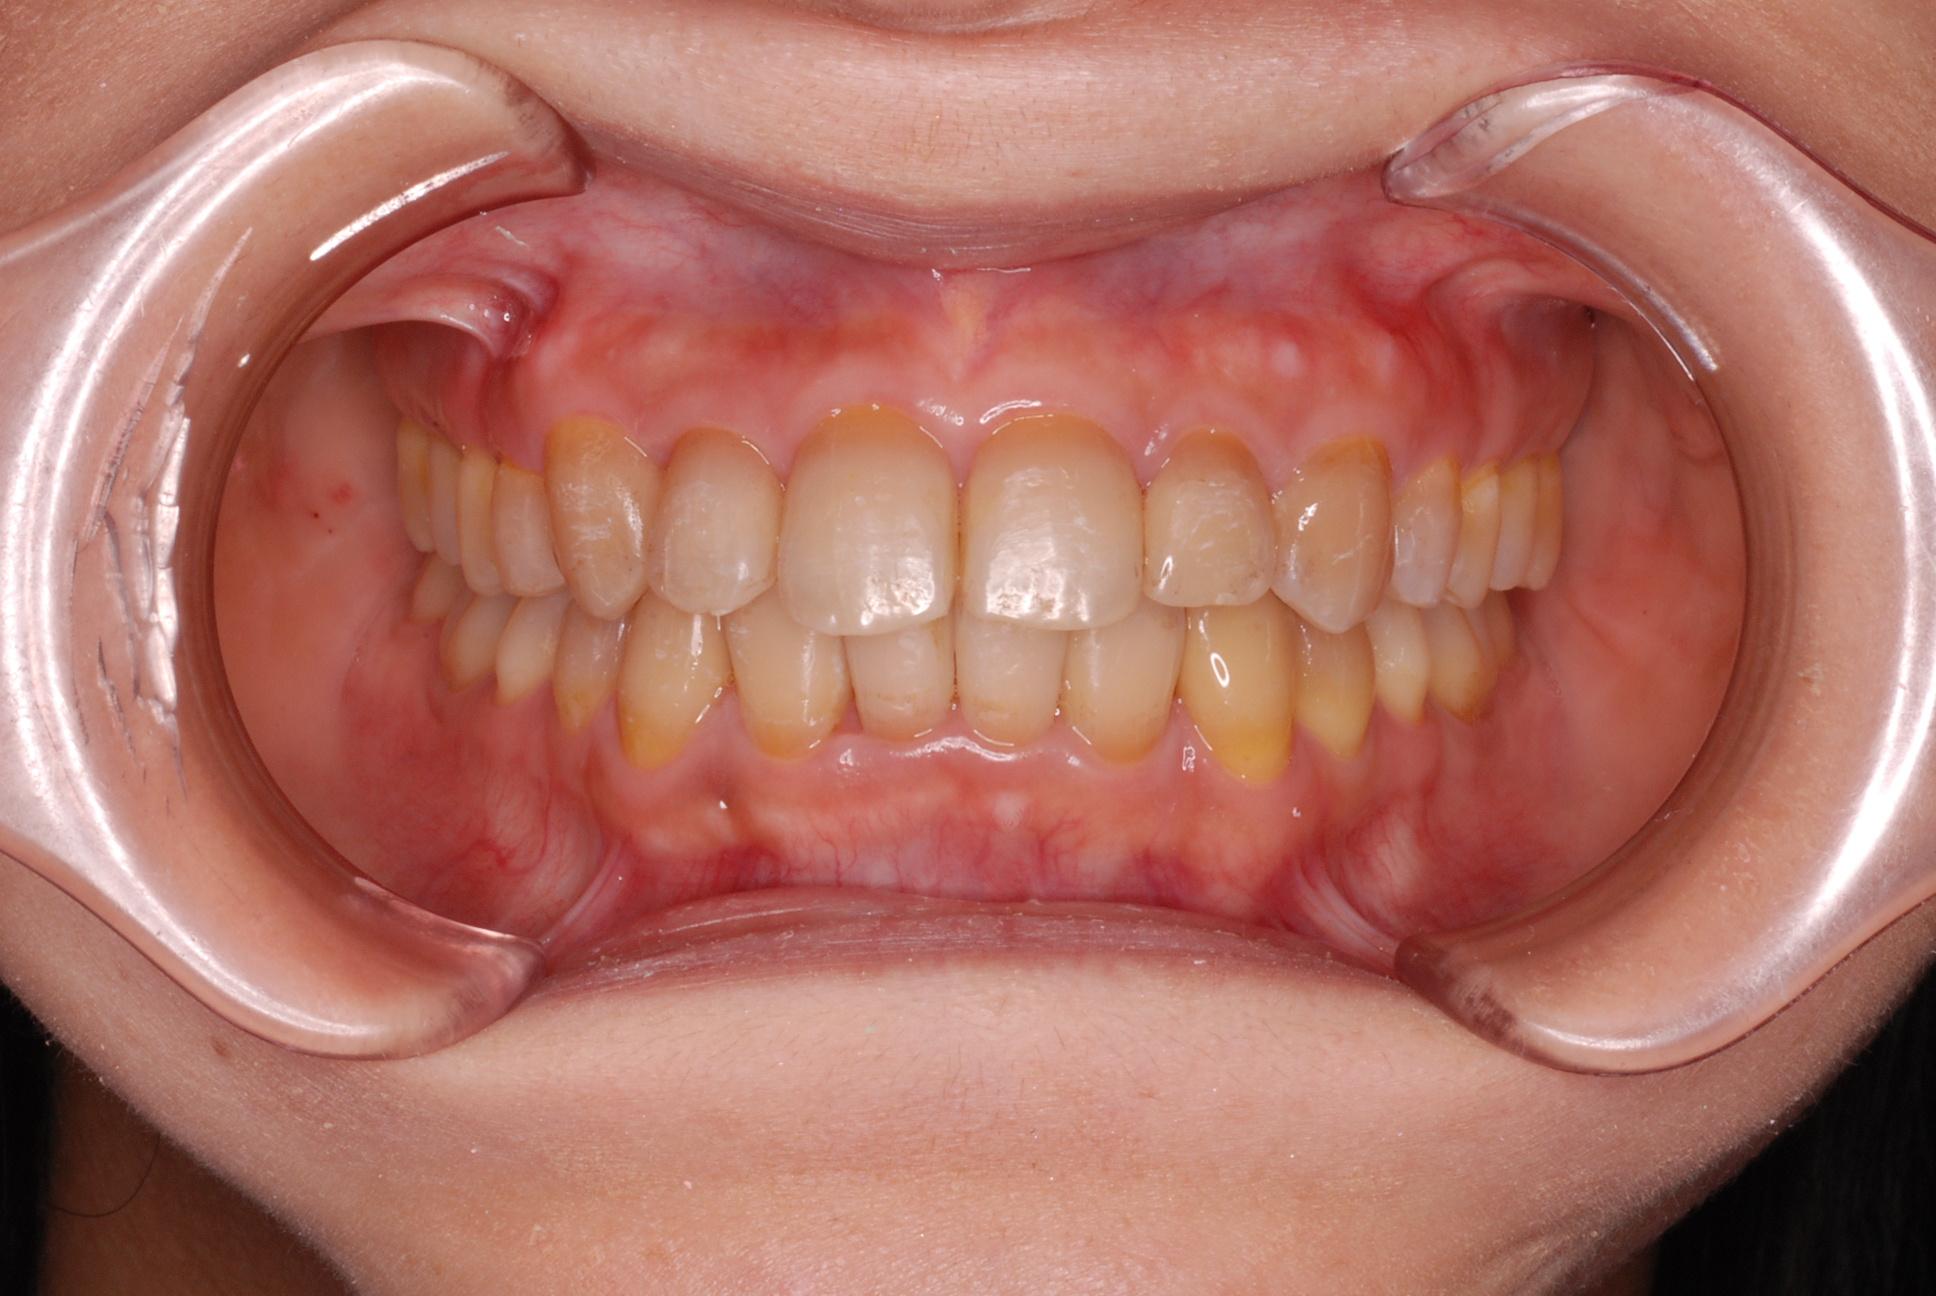 非抜歯にて治療を行った、成人の叢生(ガタガタの歯並び)治療例